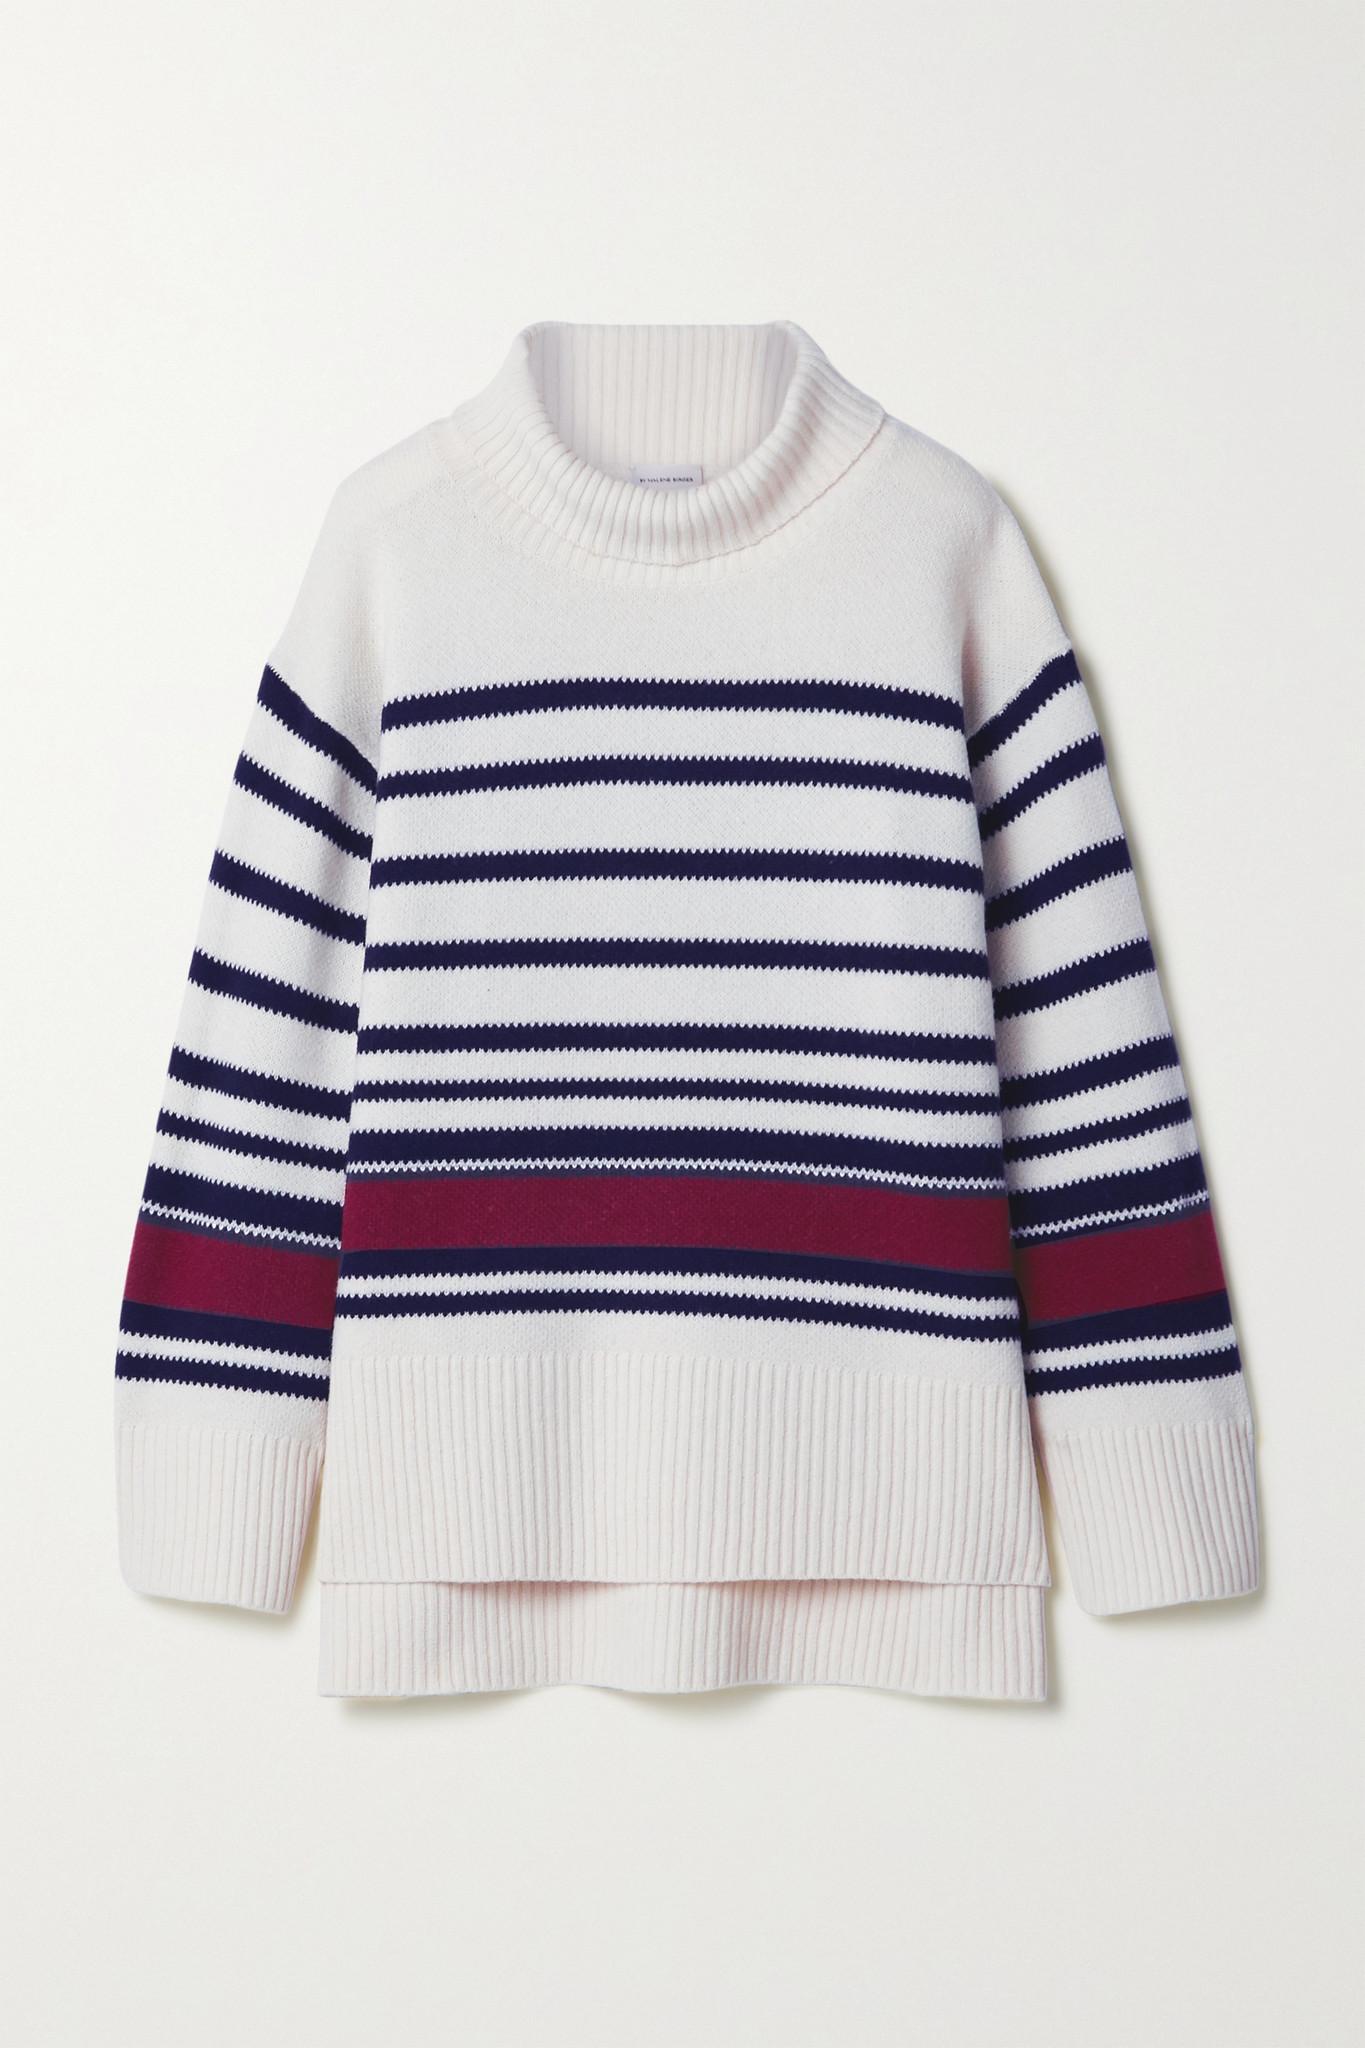 BY MALENE BIRGER - Hedera 大廓形条纹羊毛混纺高领毛衣 - 白色 - x small